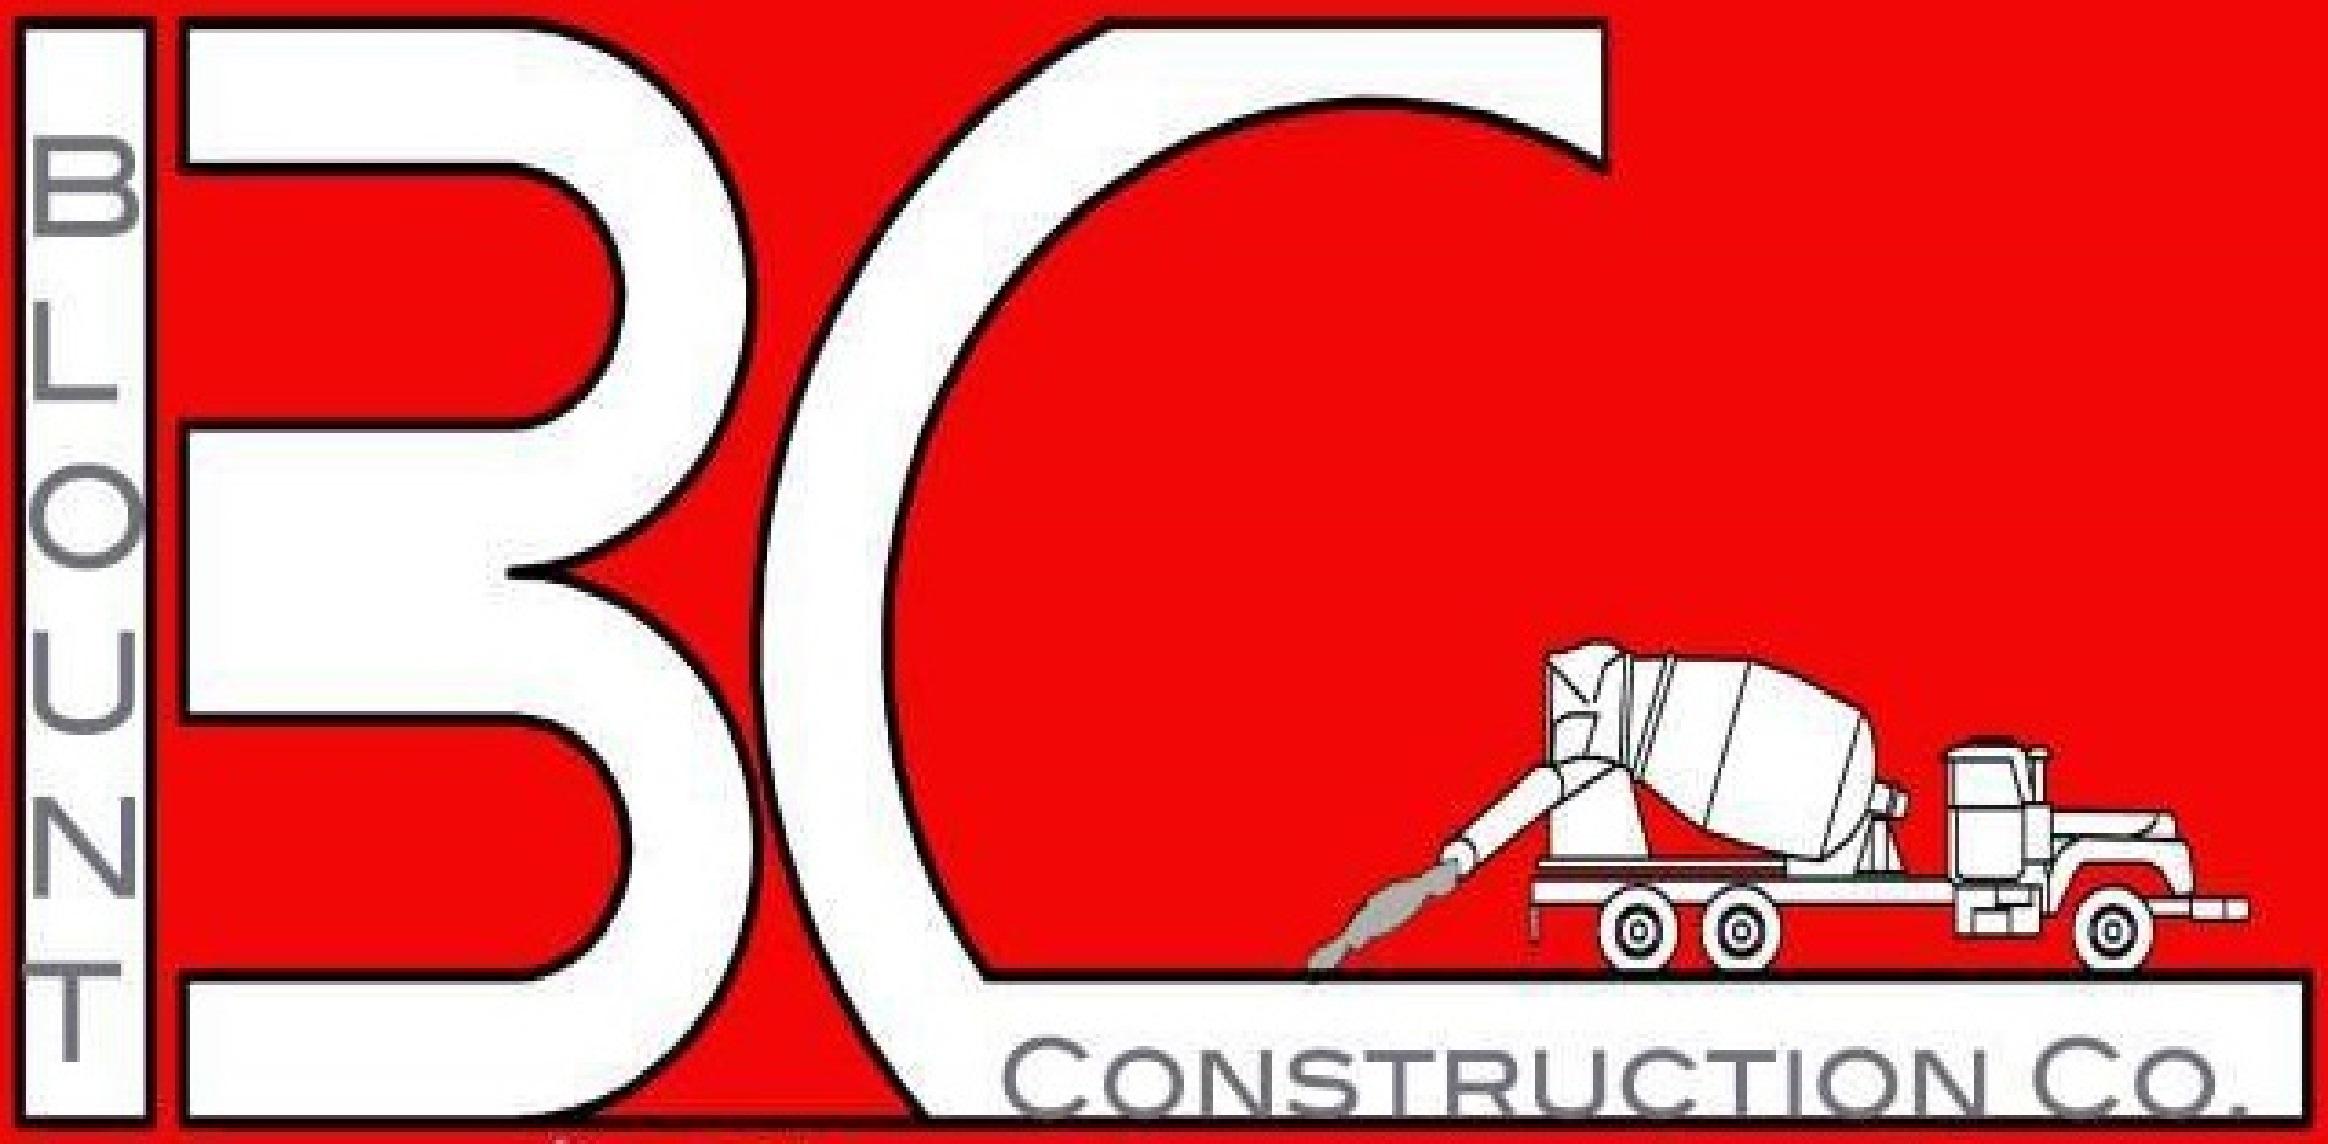 Blount Construction Co